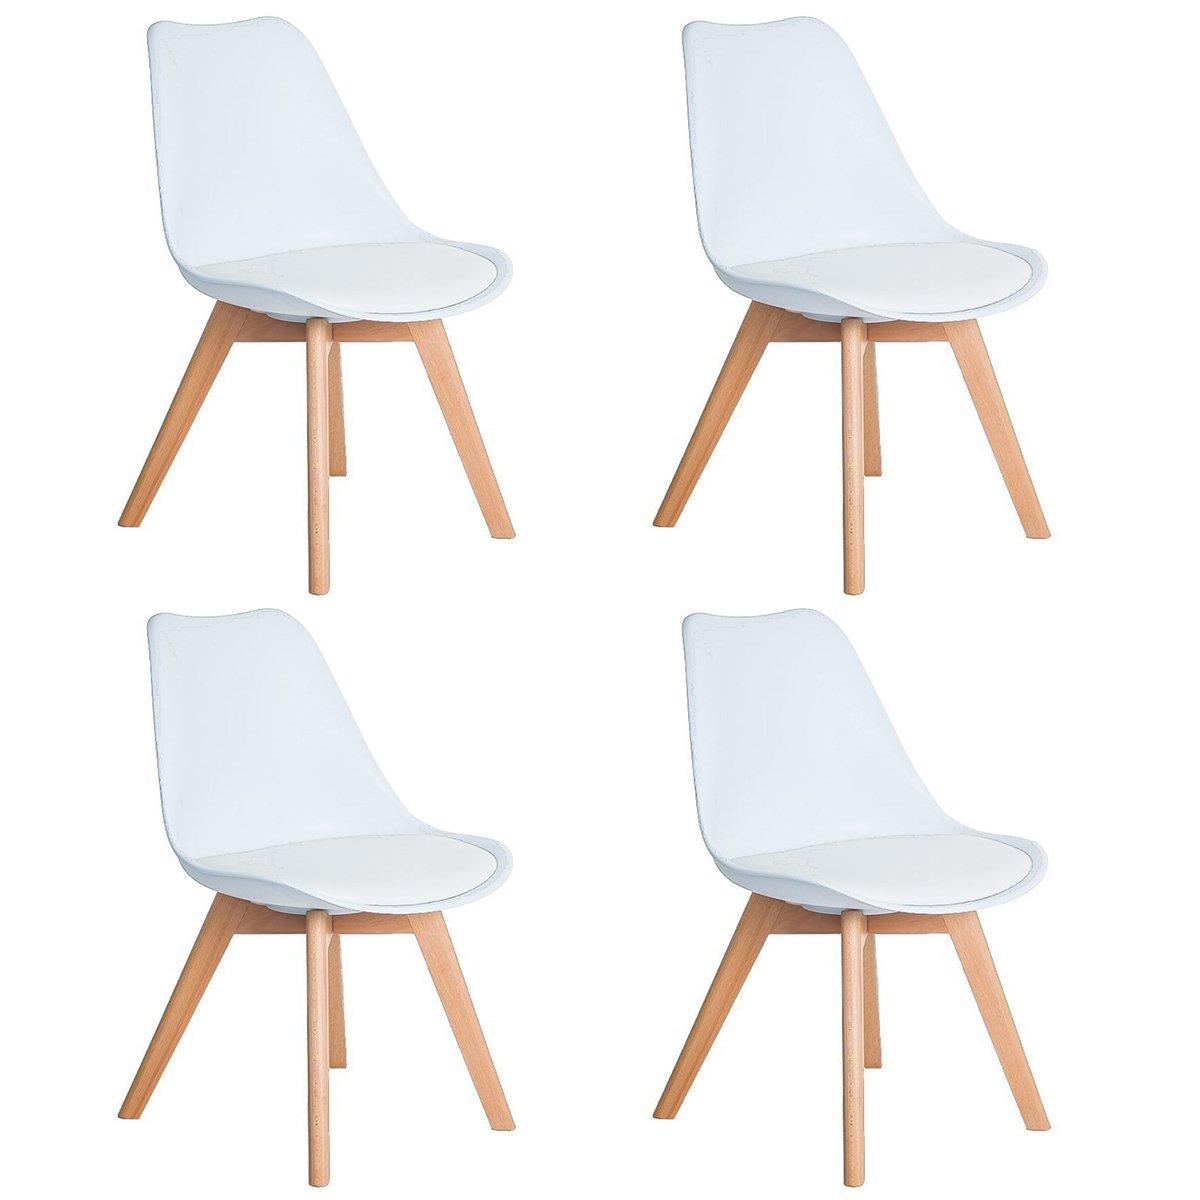 DORAFAIR Pack 4 sillas escandinava Estilo nórdico Silla de Comedor, con Las piernas de Madera